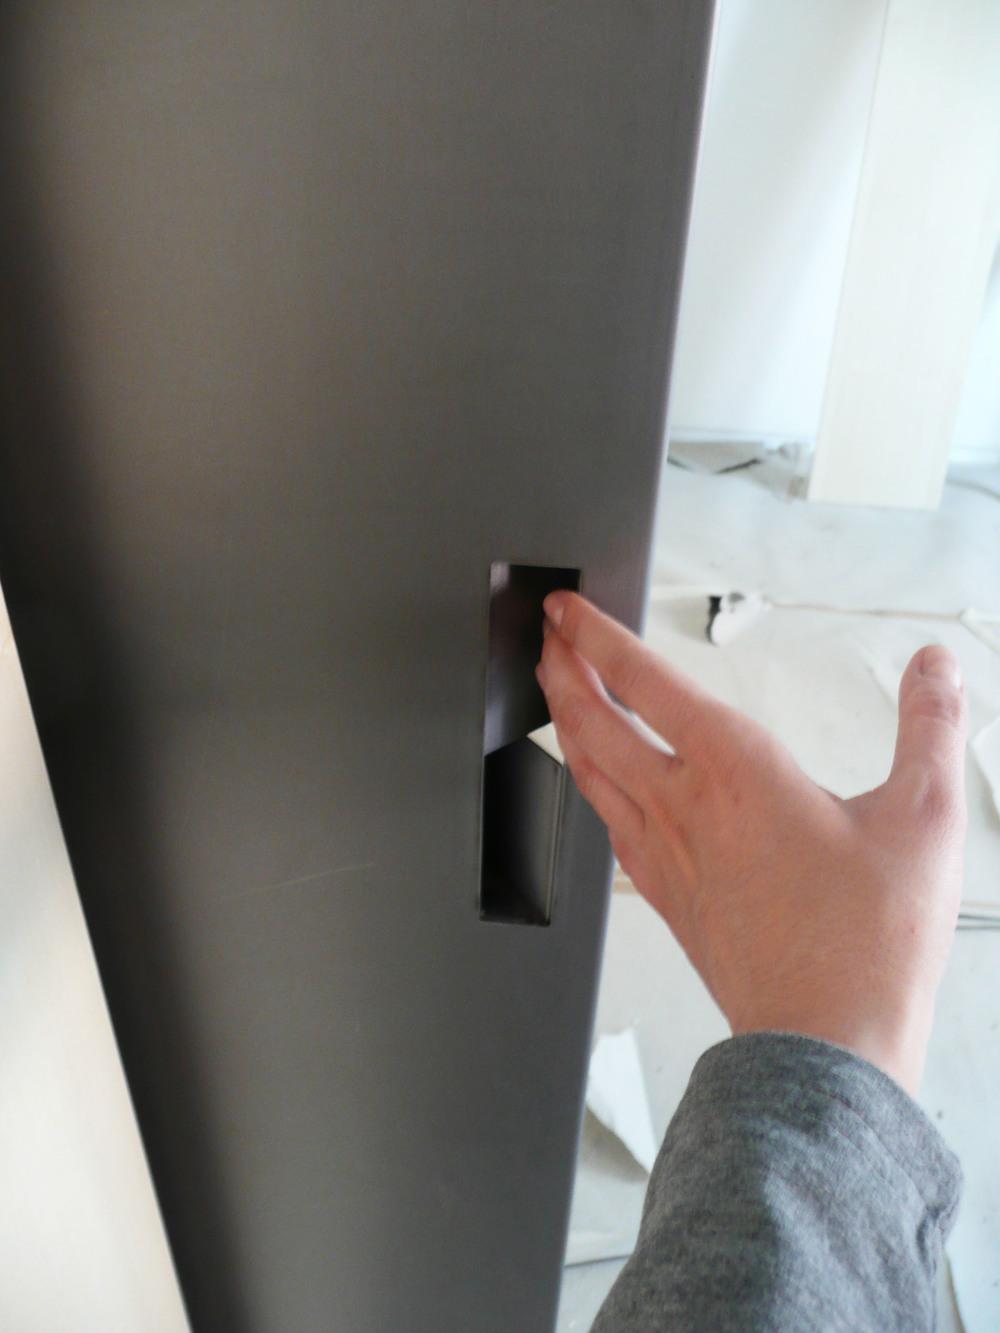 La maniglia della porta in metallo, realizzata con la lamiera di ferro piegata.